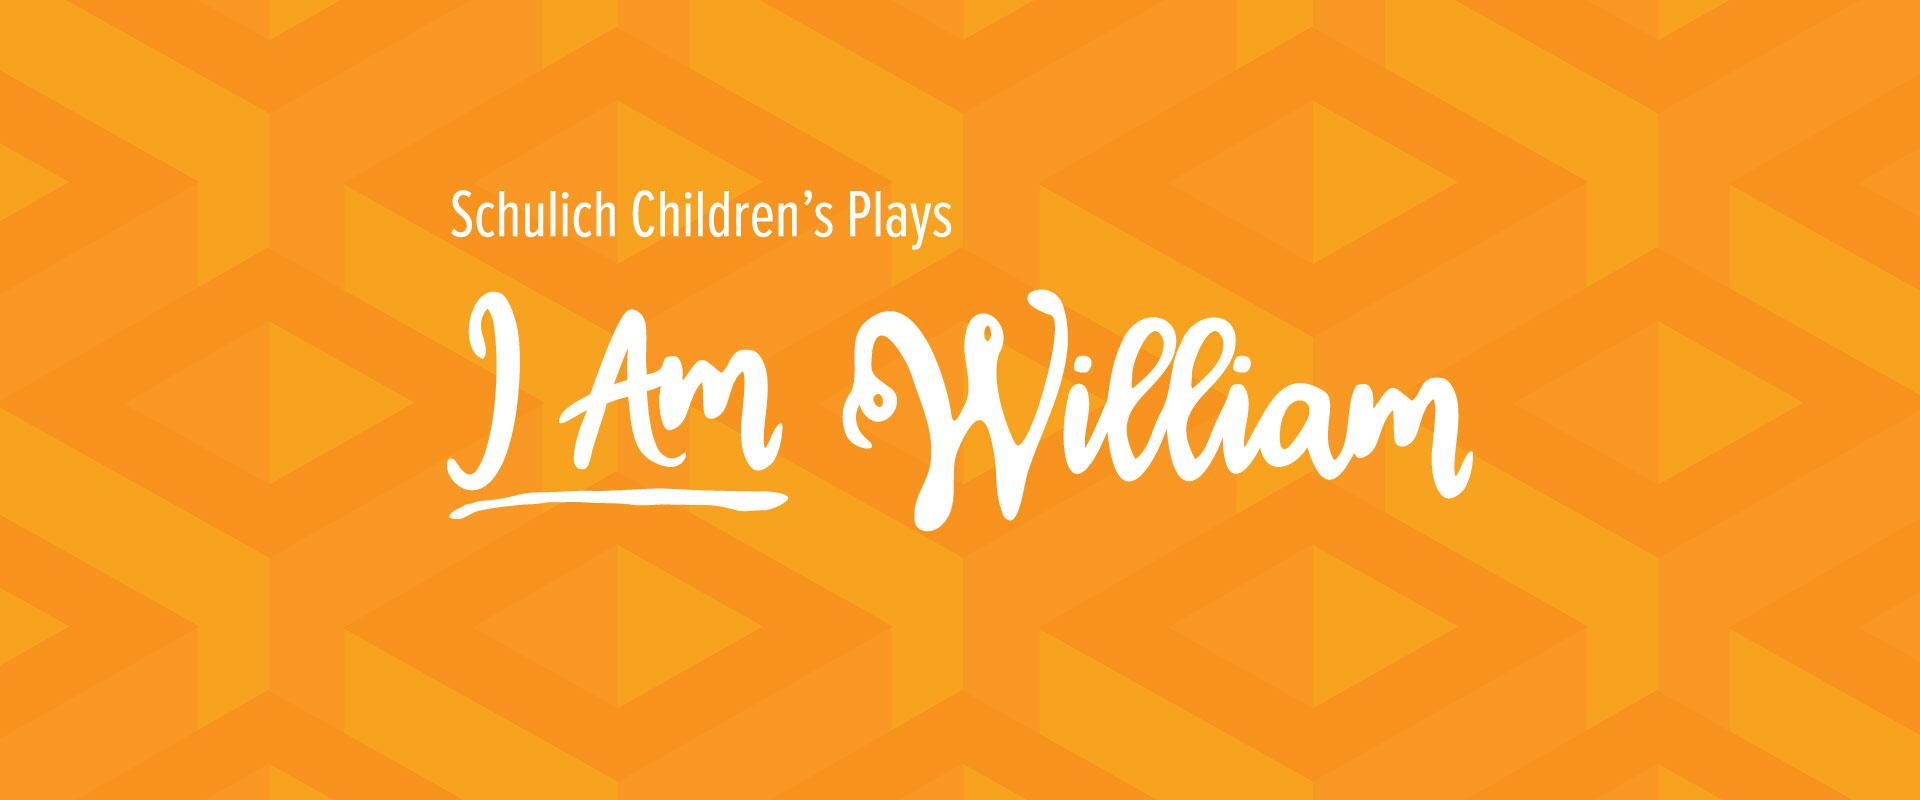 Wordmark image of Schulich Children's Plays  I Am William